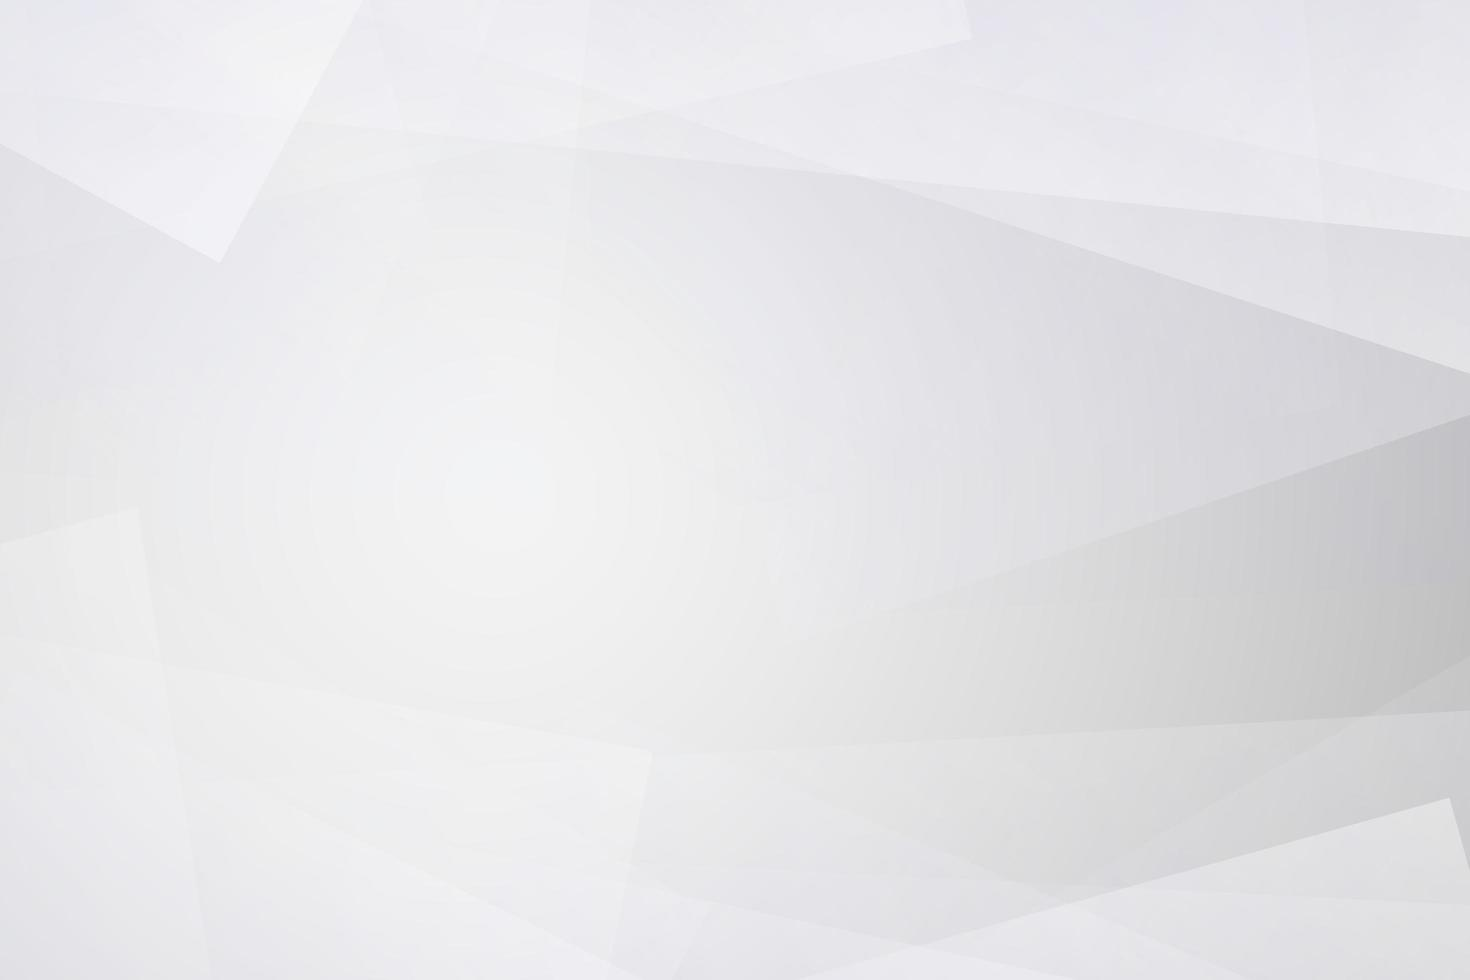 abstrait gris blanc simple fond vecteur